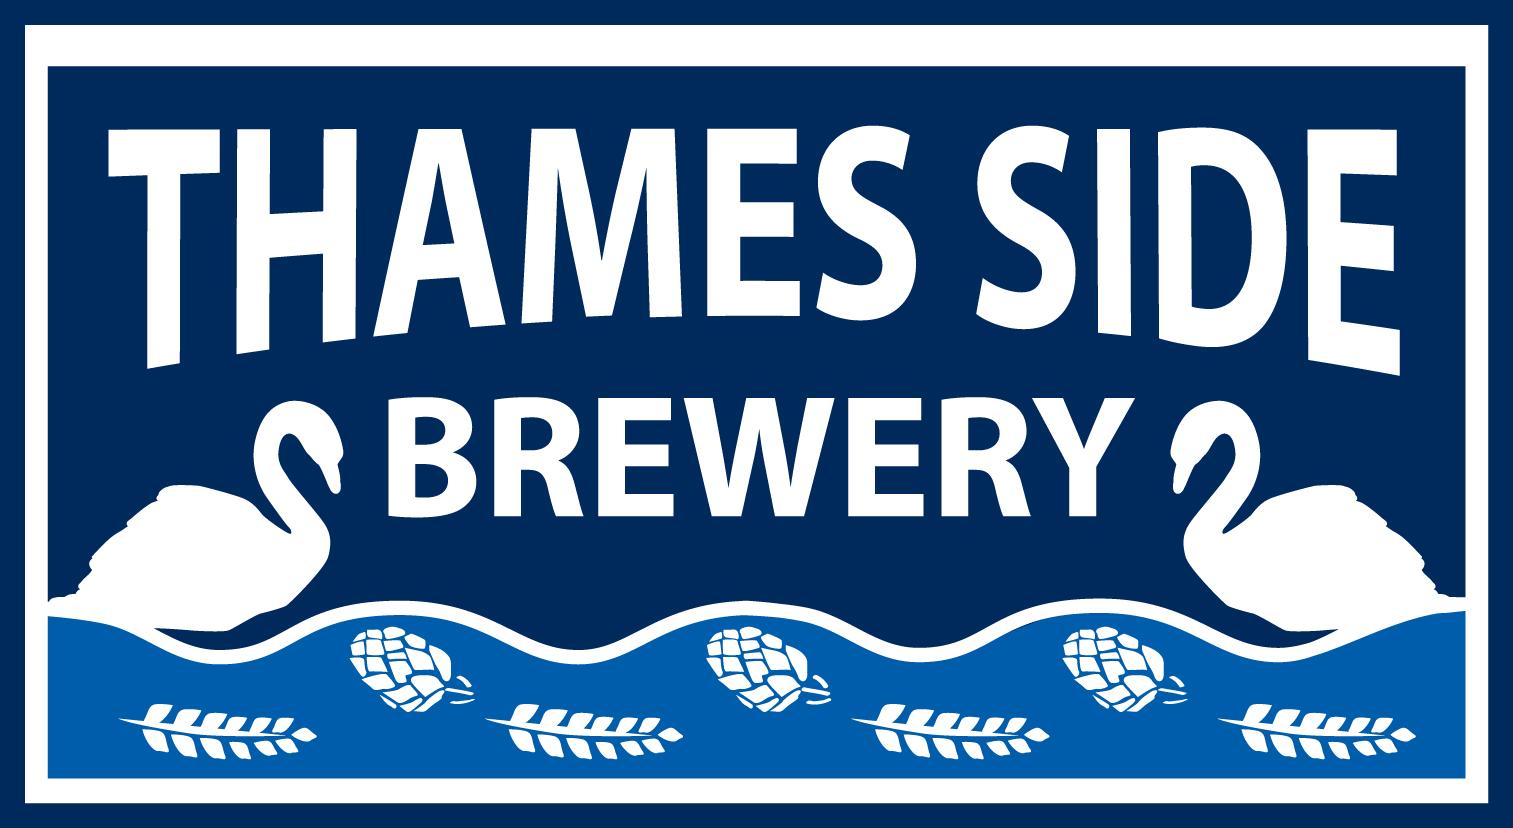 Thames Side Brewery Beers